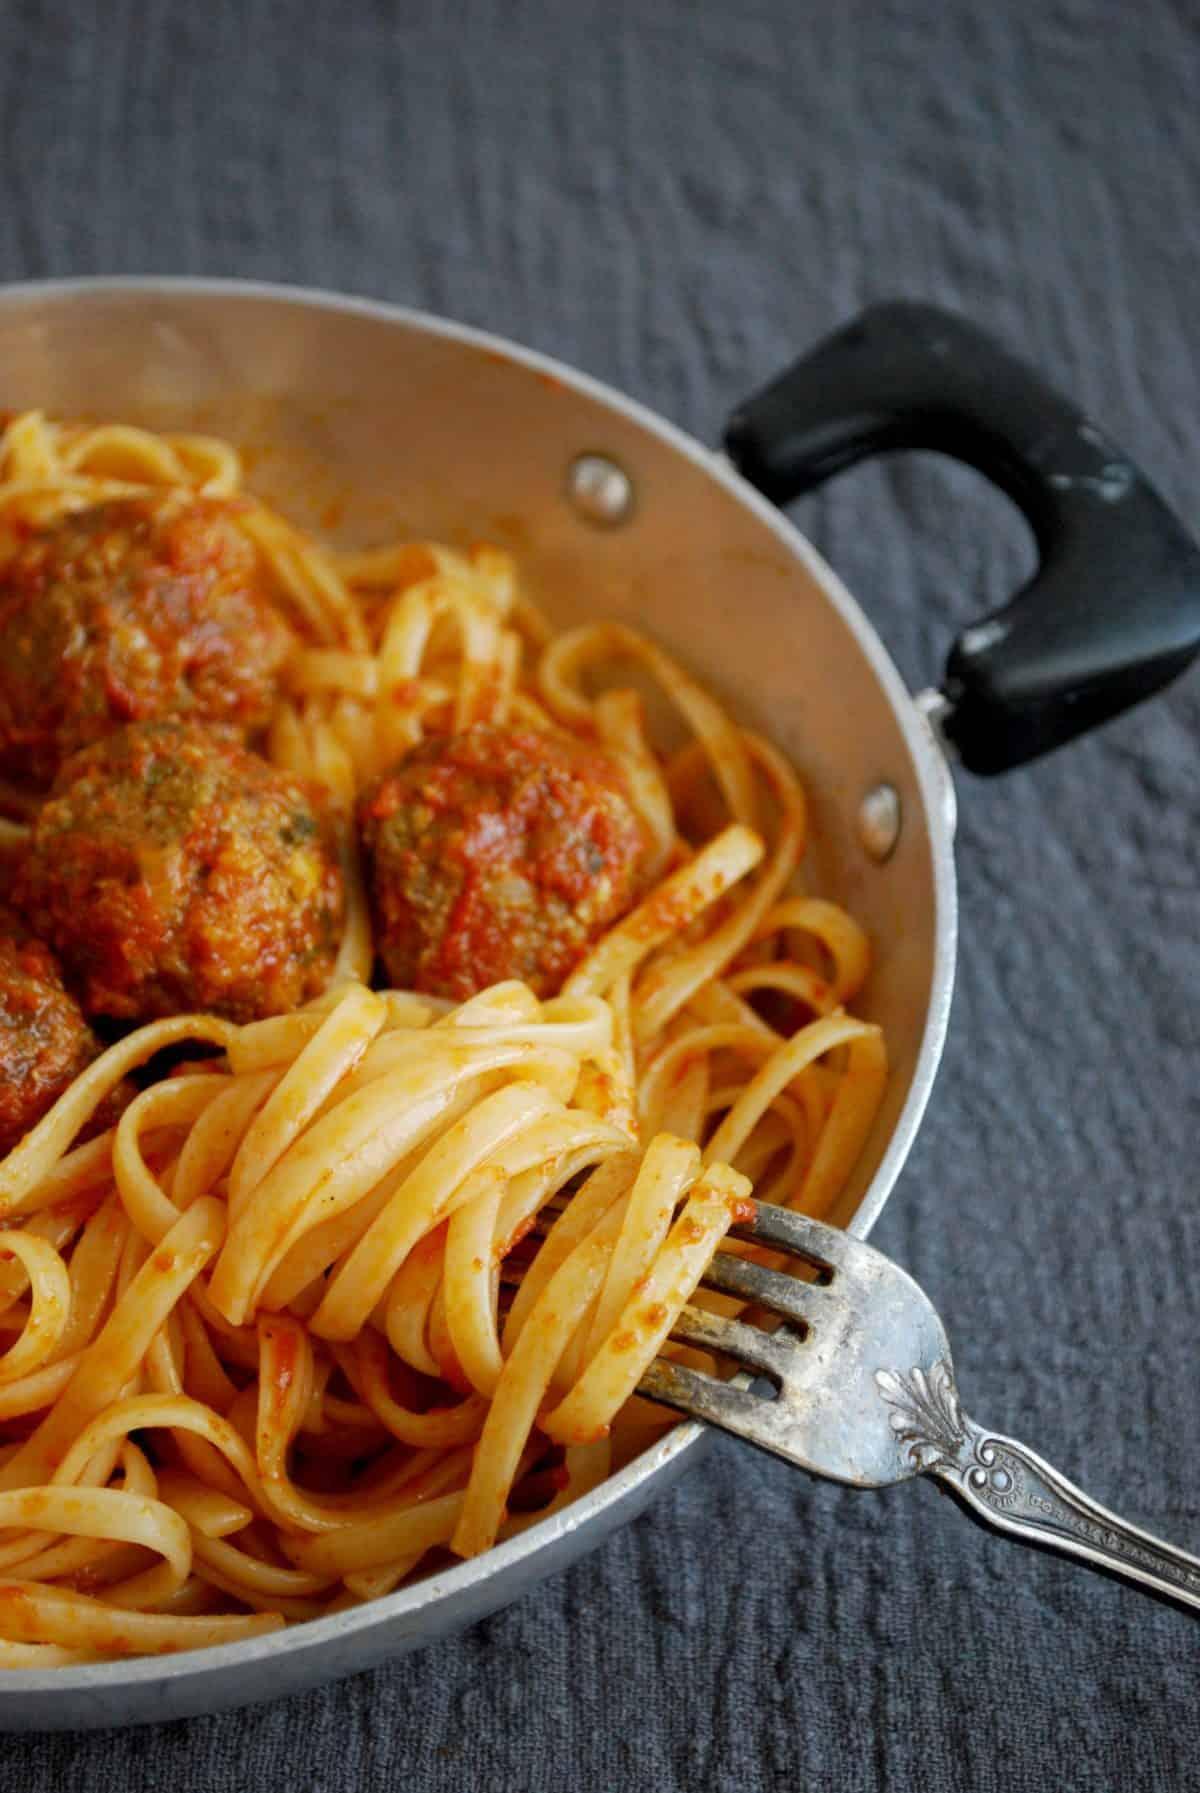 μακαρόνια, linguini με κεφτεδάκια κόκκινη σάλτσα, με μοσχαρίσιο και πρόβειο κιμά